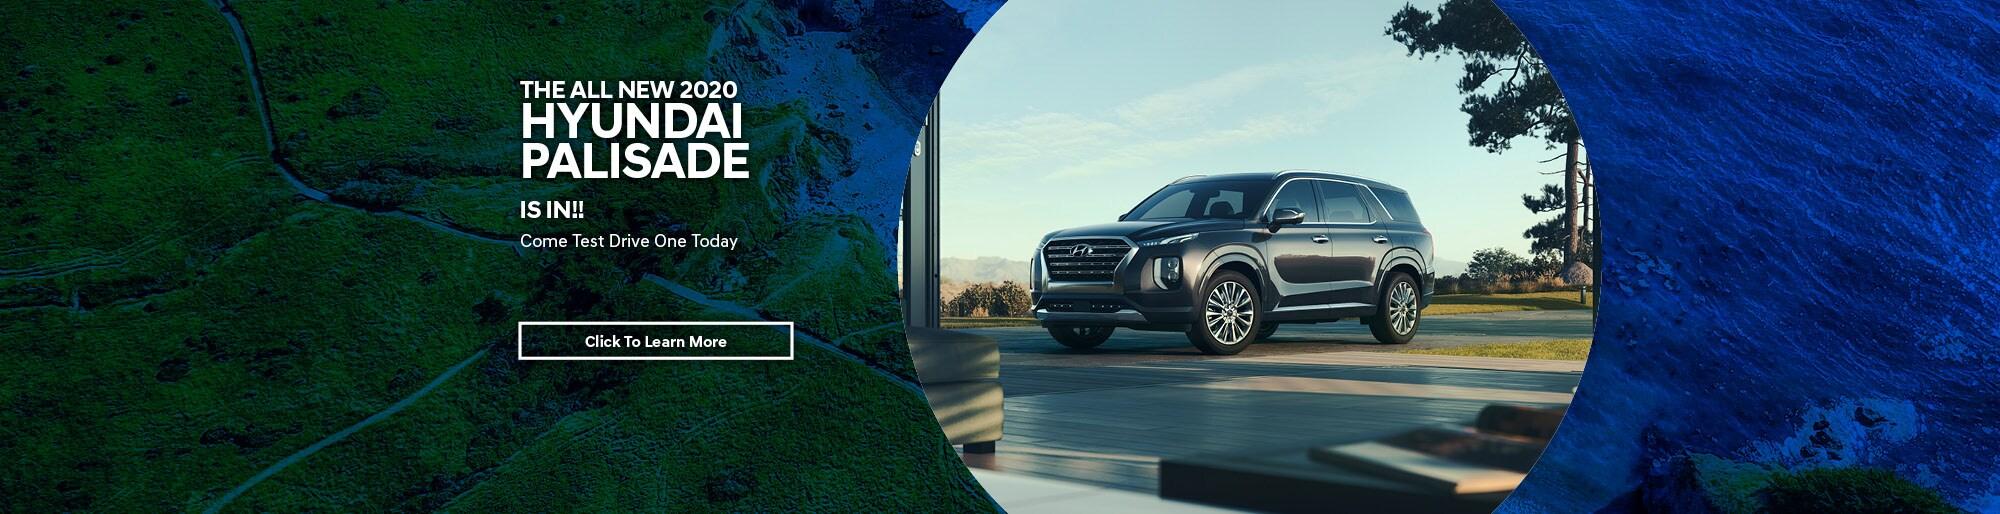 Wayne Hyundai: New 2019 & Used Hyundai Dealership in Wayne NJ